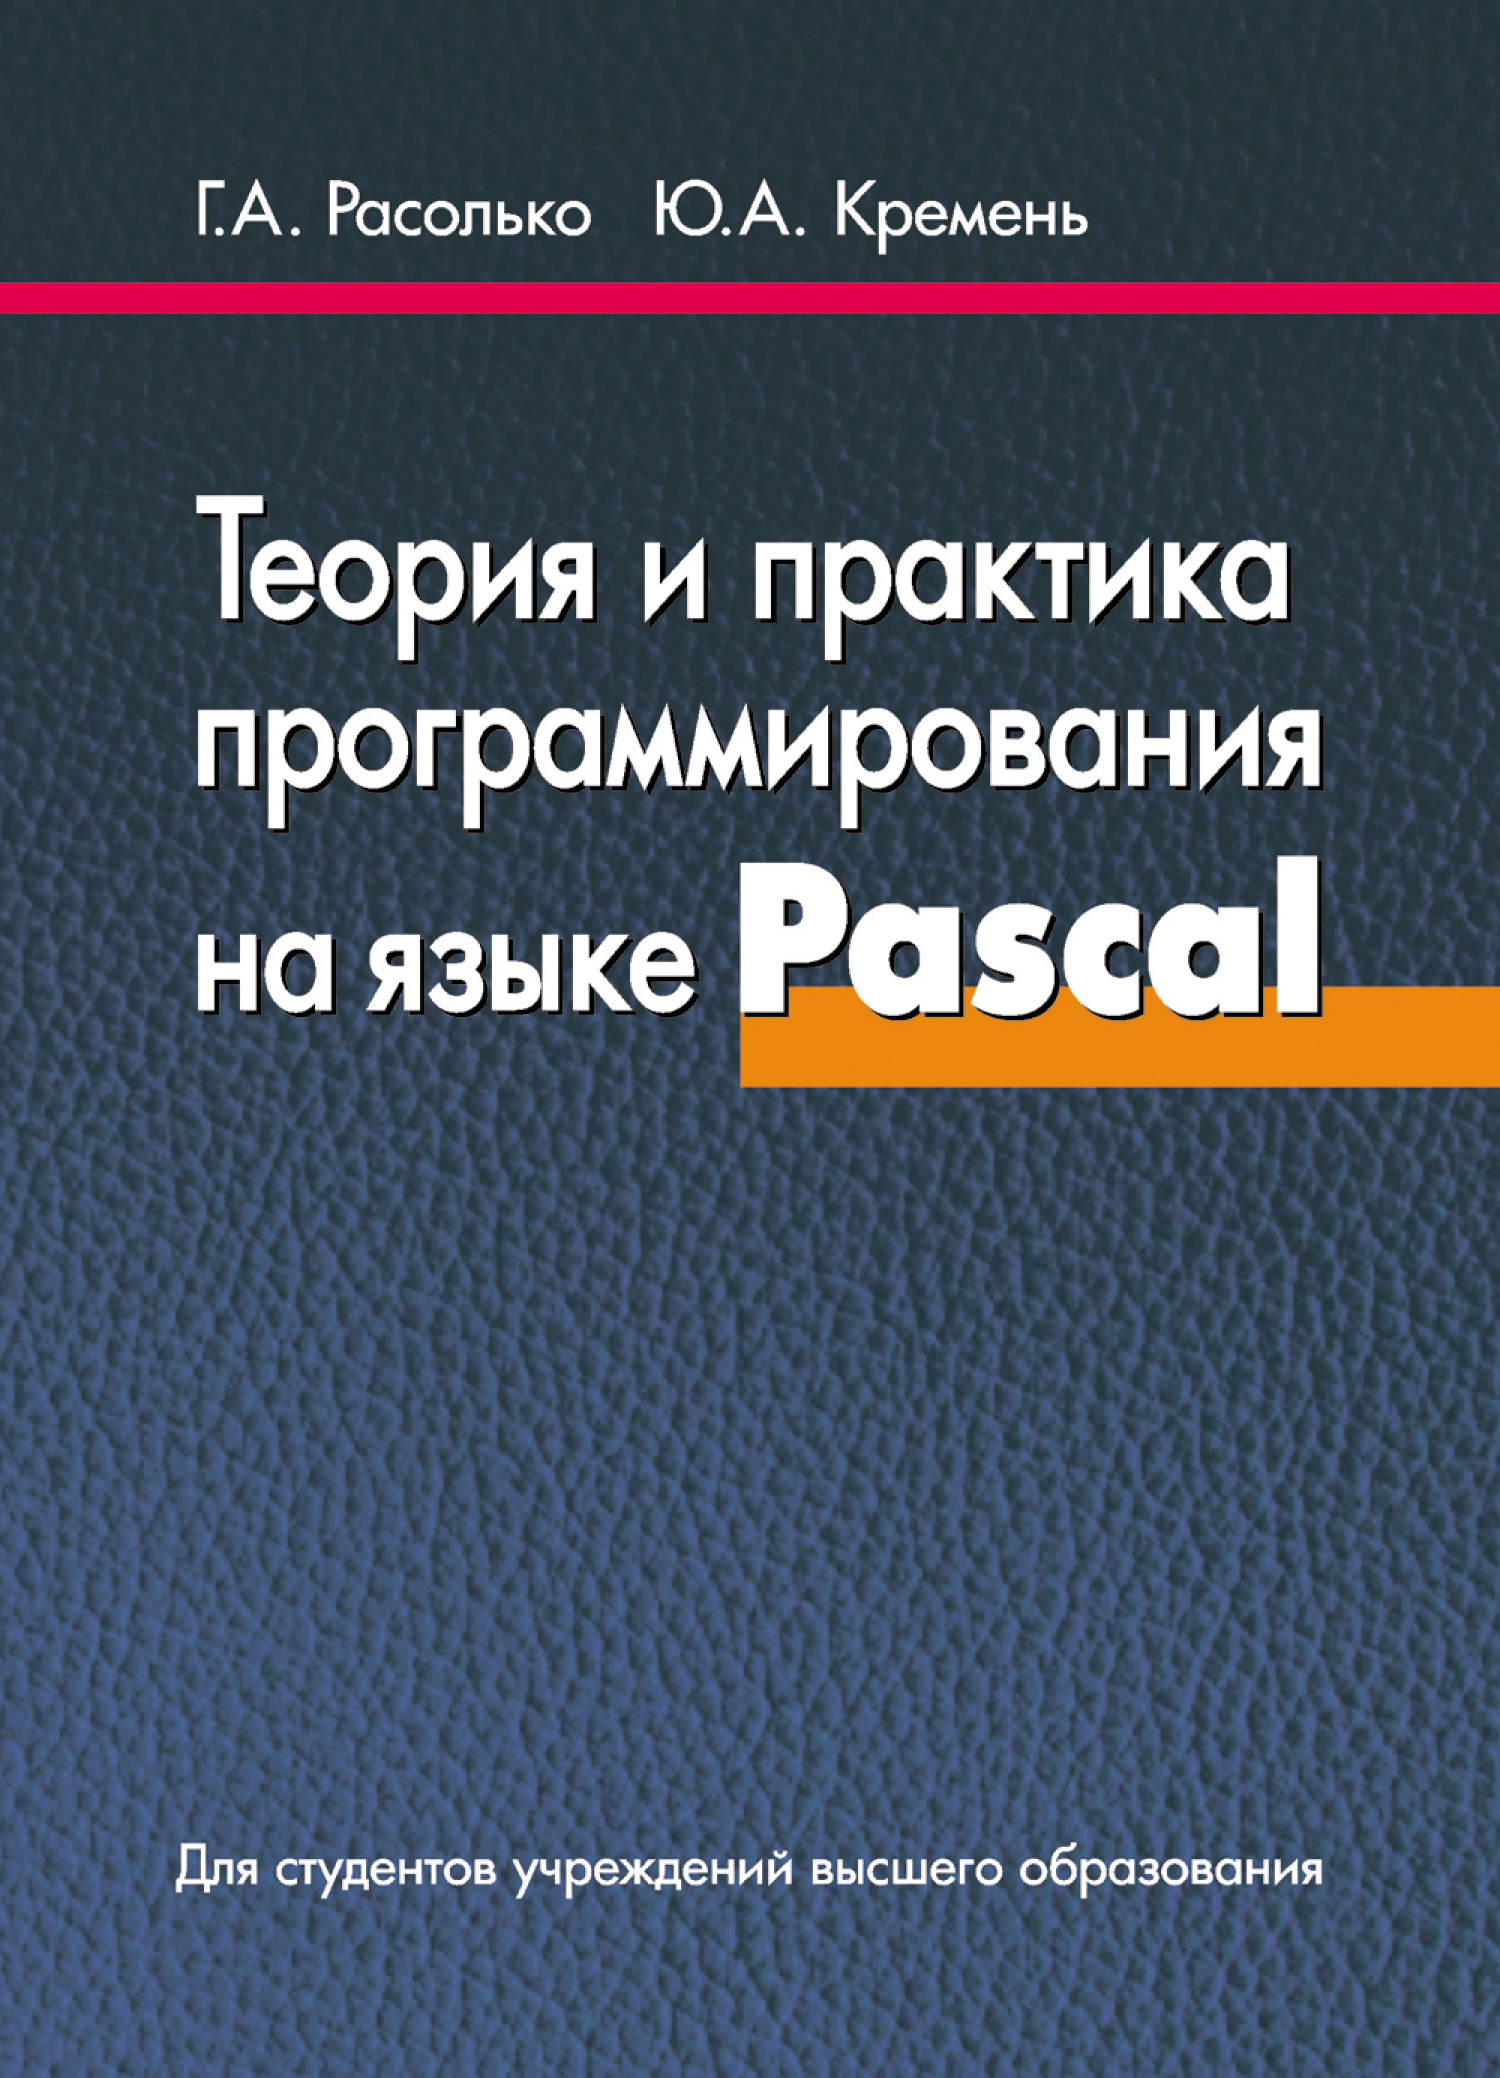 Юрий Кремень Теория и практика программирования на языке Pascal цена